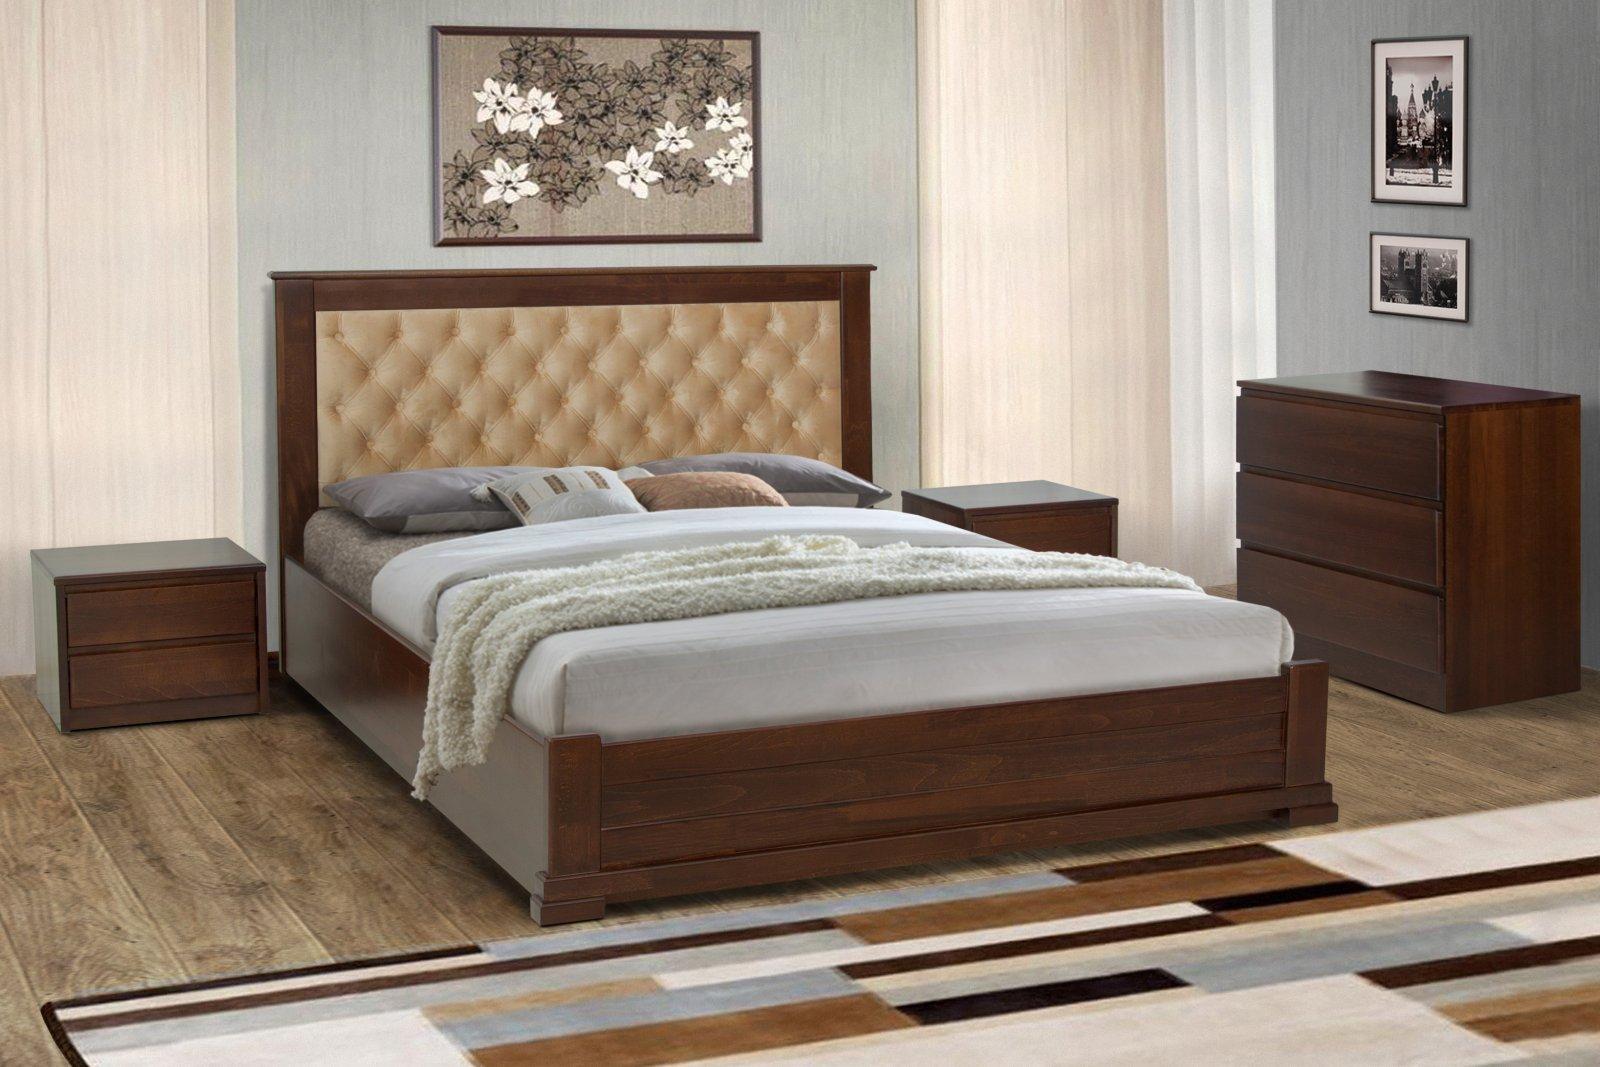 Фото - Кровать Аризона с подъемным механизмом